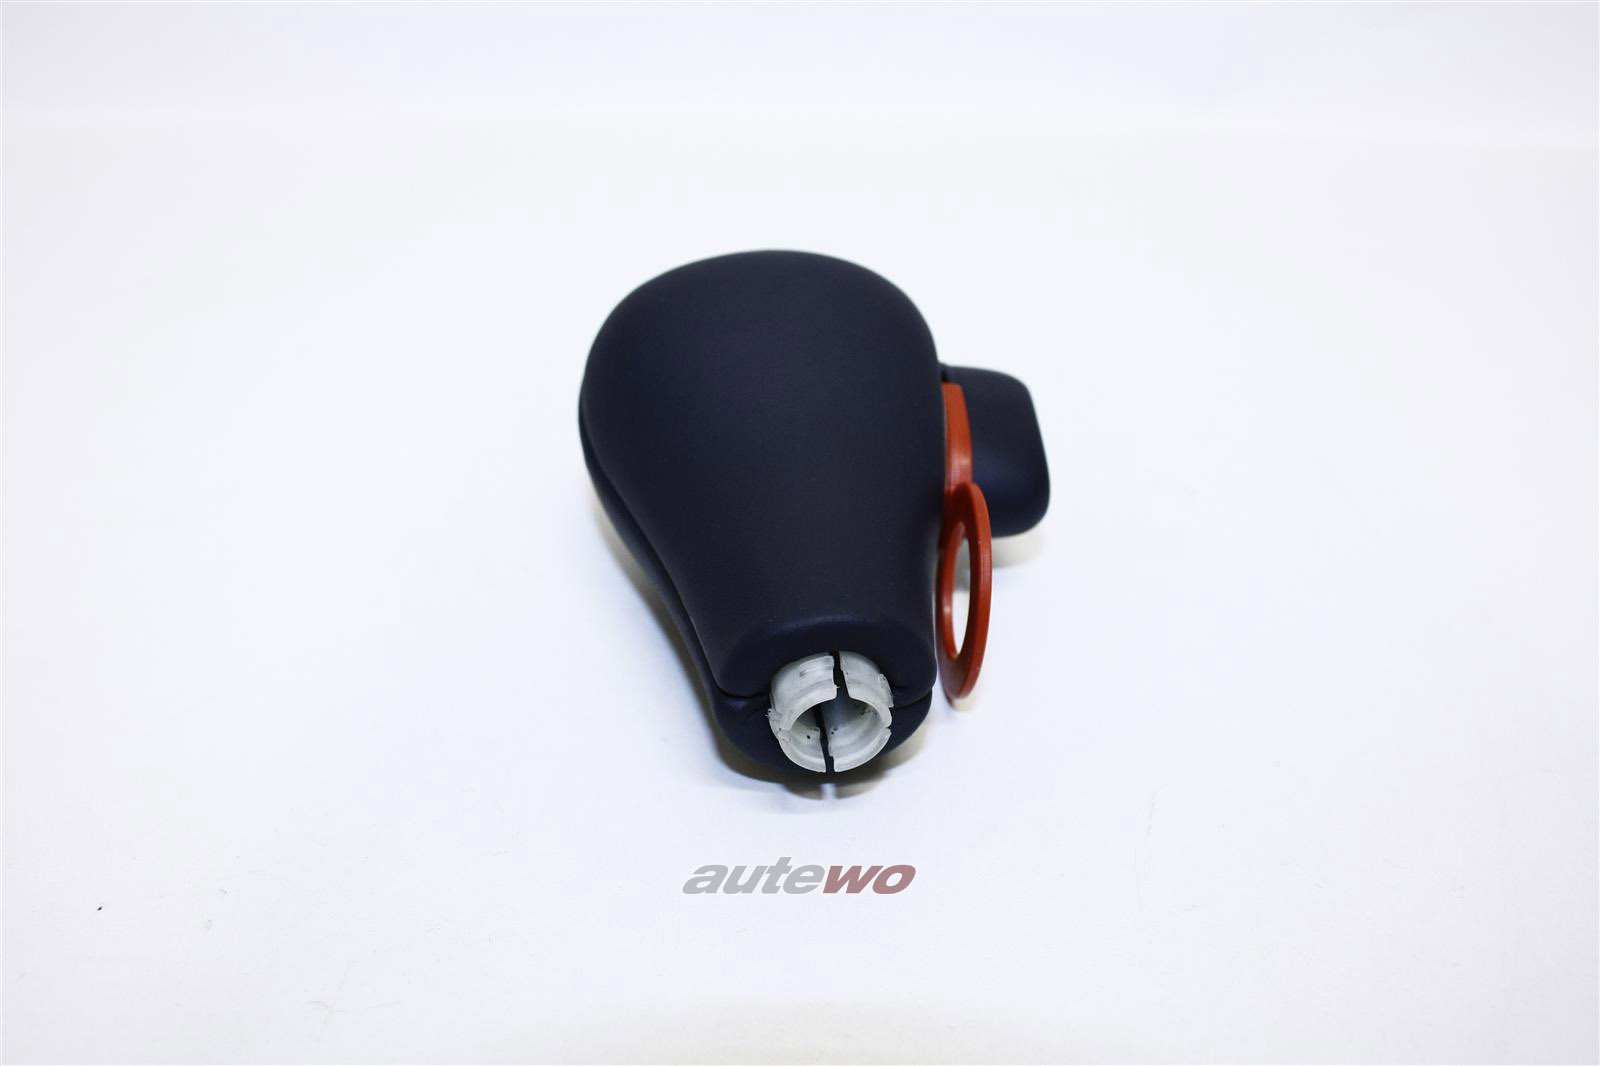 neu original audi a4 8e a4 8h cabrio tiptronic schalthebel leder blau 8e1713141a. Black Bedroom Furniture Sets. Home Design Ideas